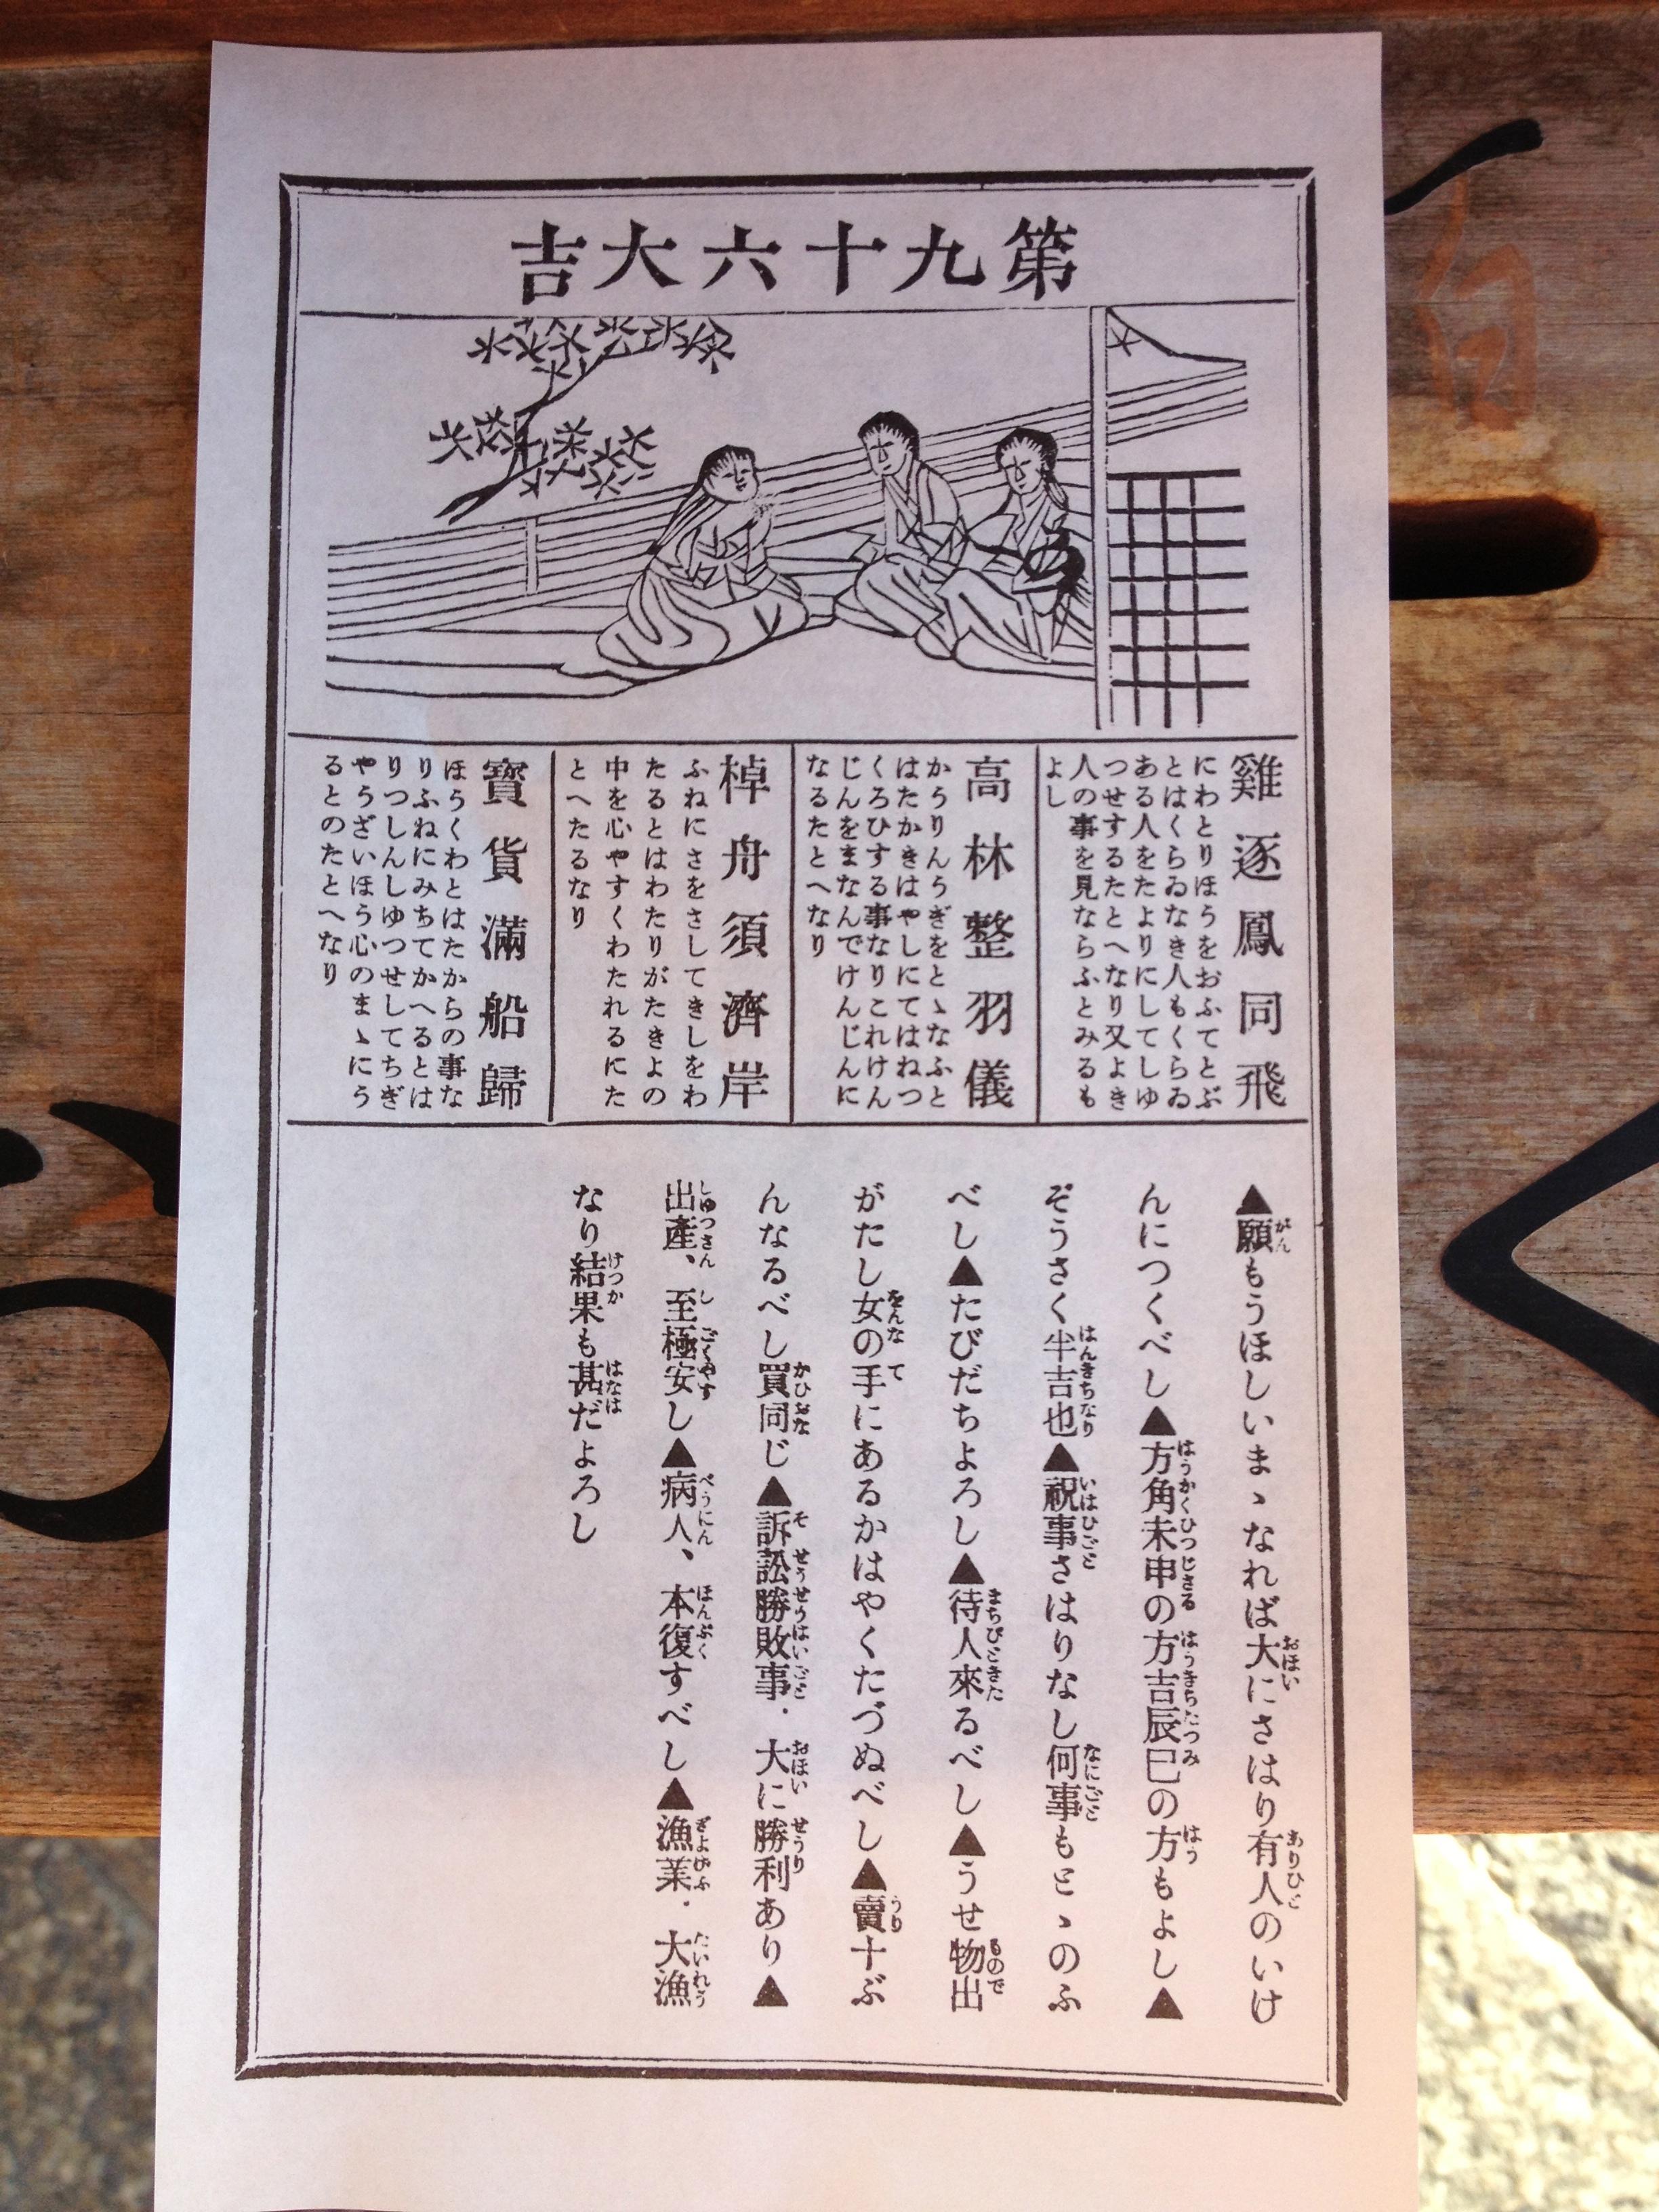 靈氣/靈性文明旅路-東寺「御神籤」 | 心靈地圖(Vivian's Blog ):日式靈氣/ 宗派靈氣/ 直傳靈氣/ 神秘研究/ 教育出版